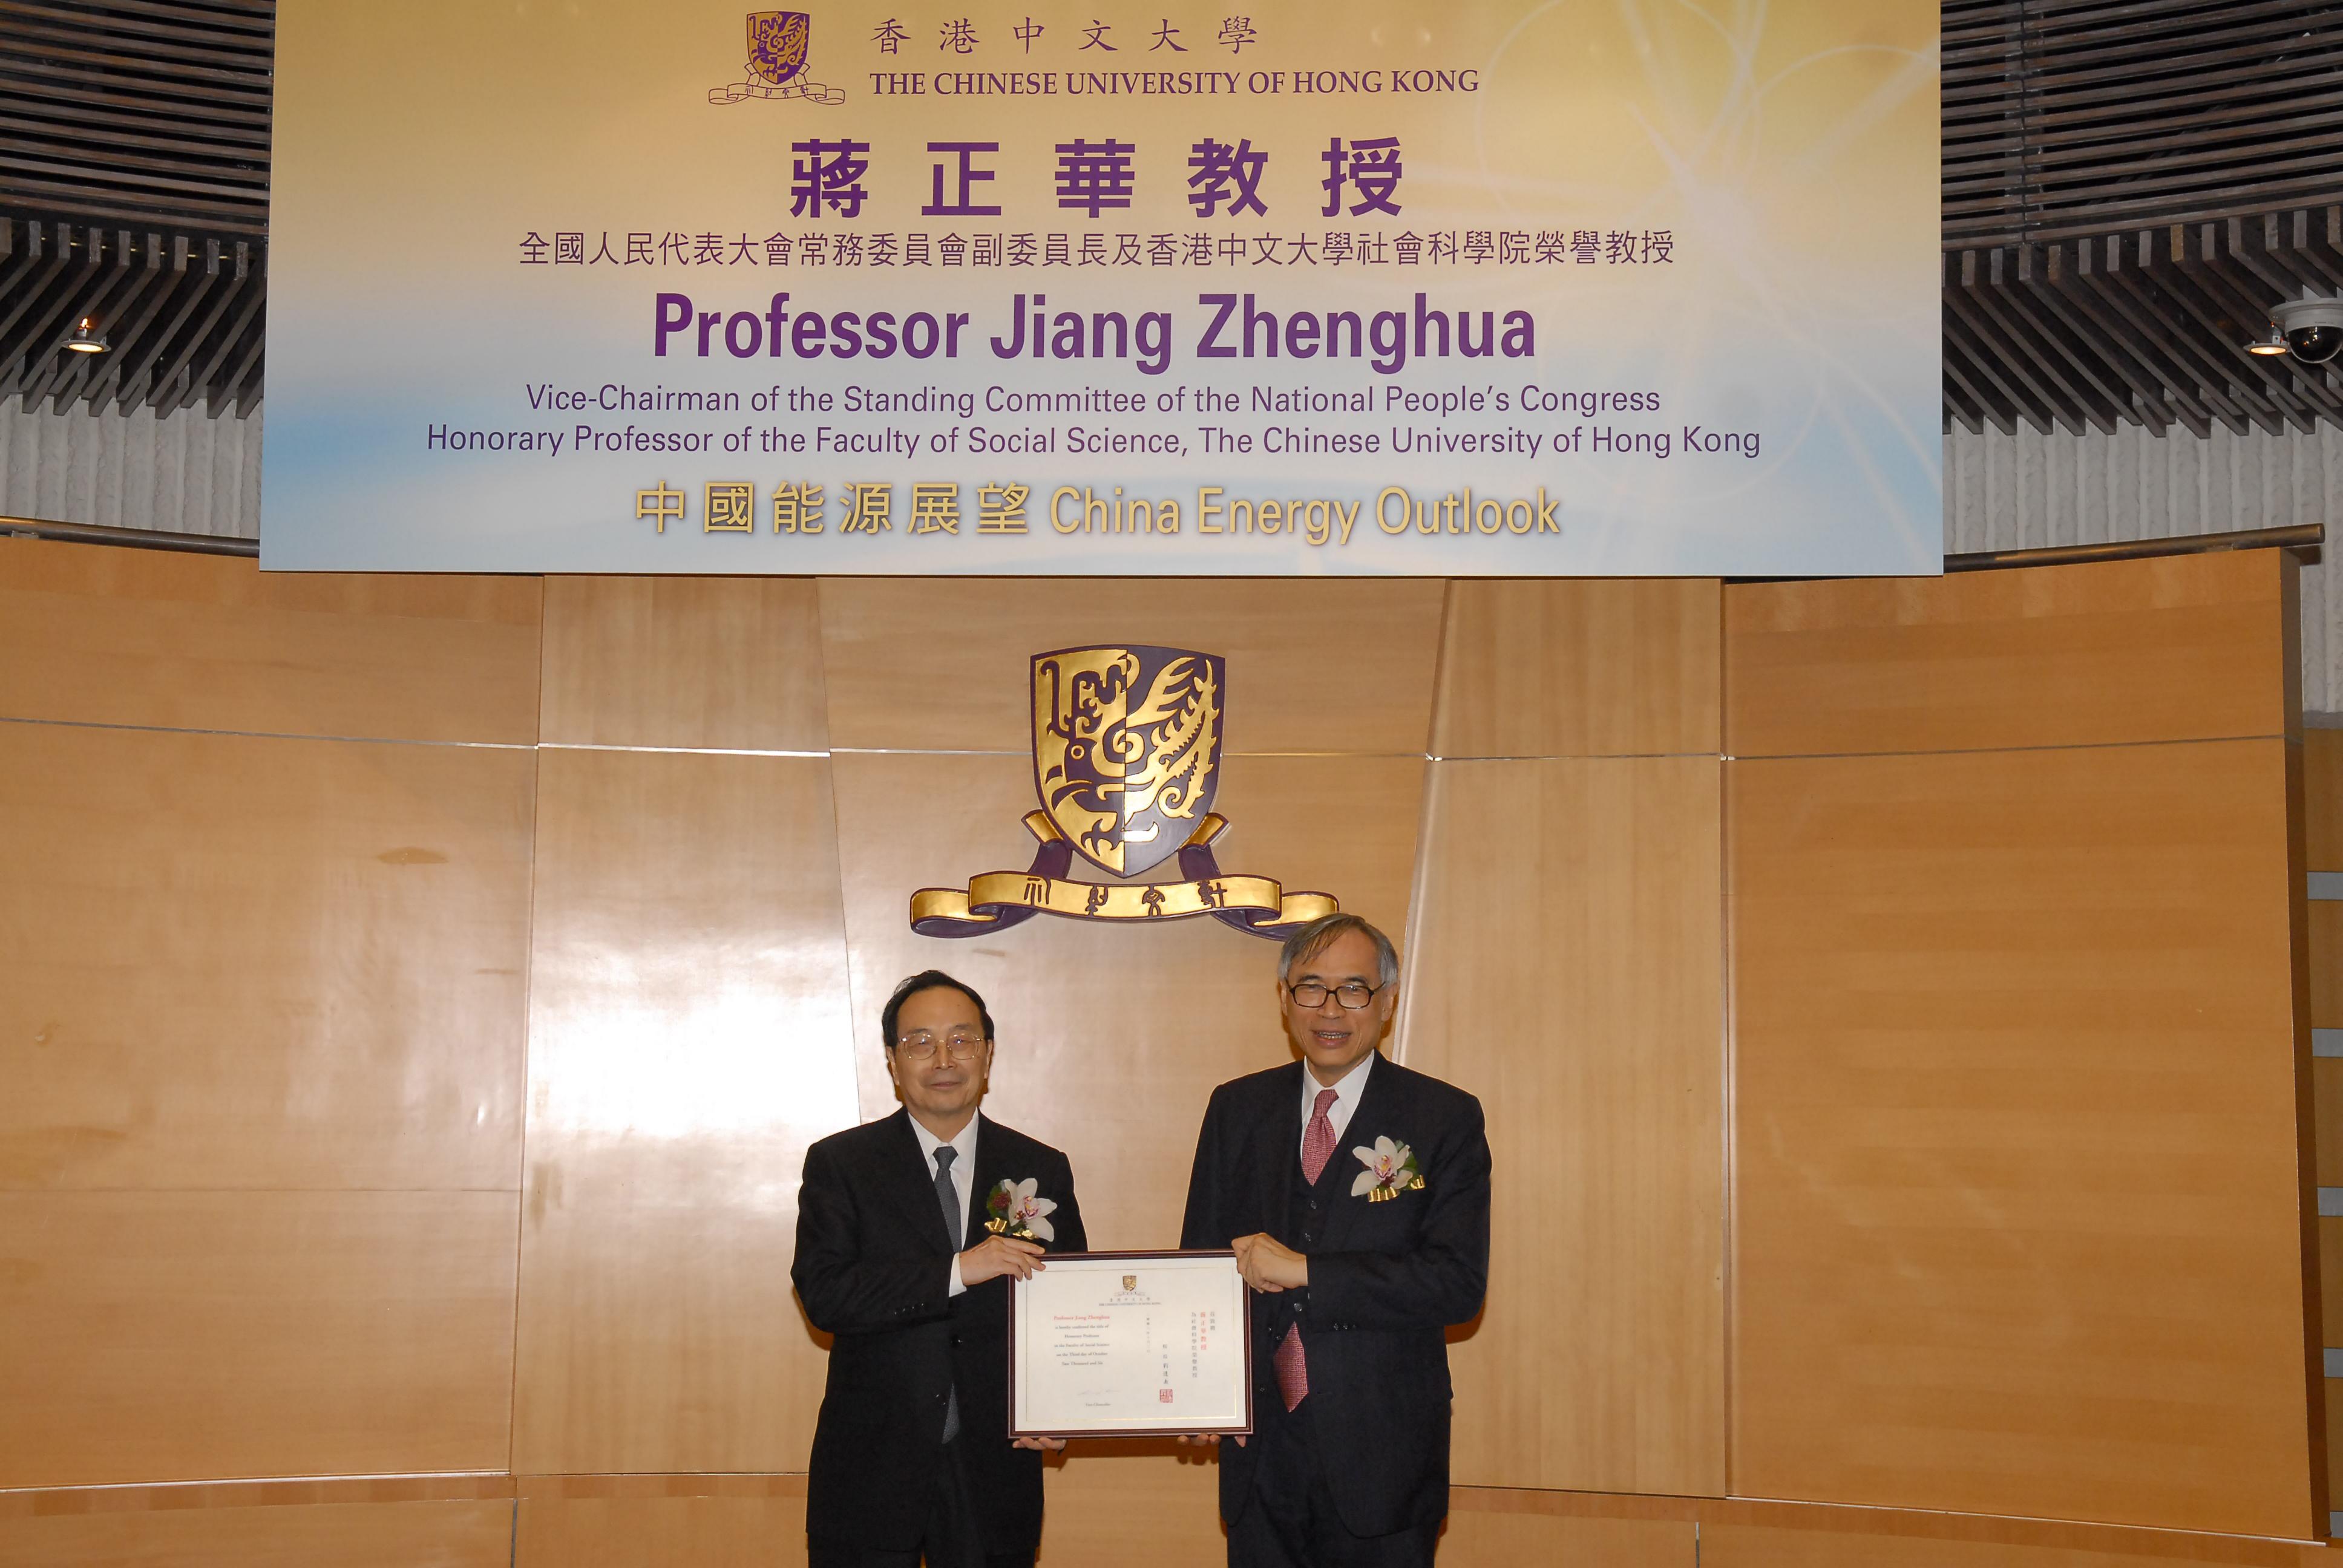 劉遵義校長(右)致贈榮譽教授銜予蔣正華教授(左)